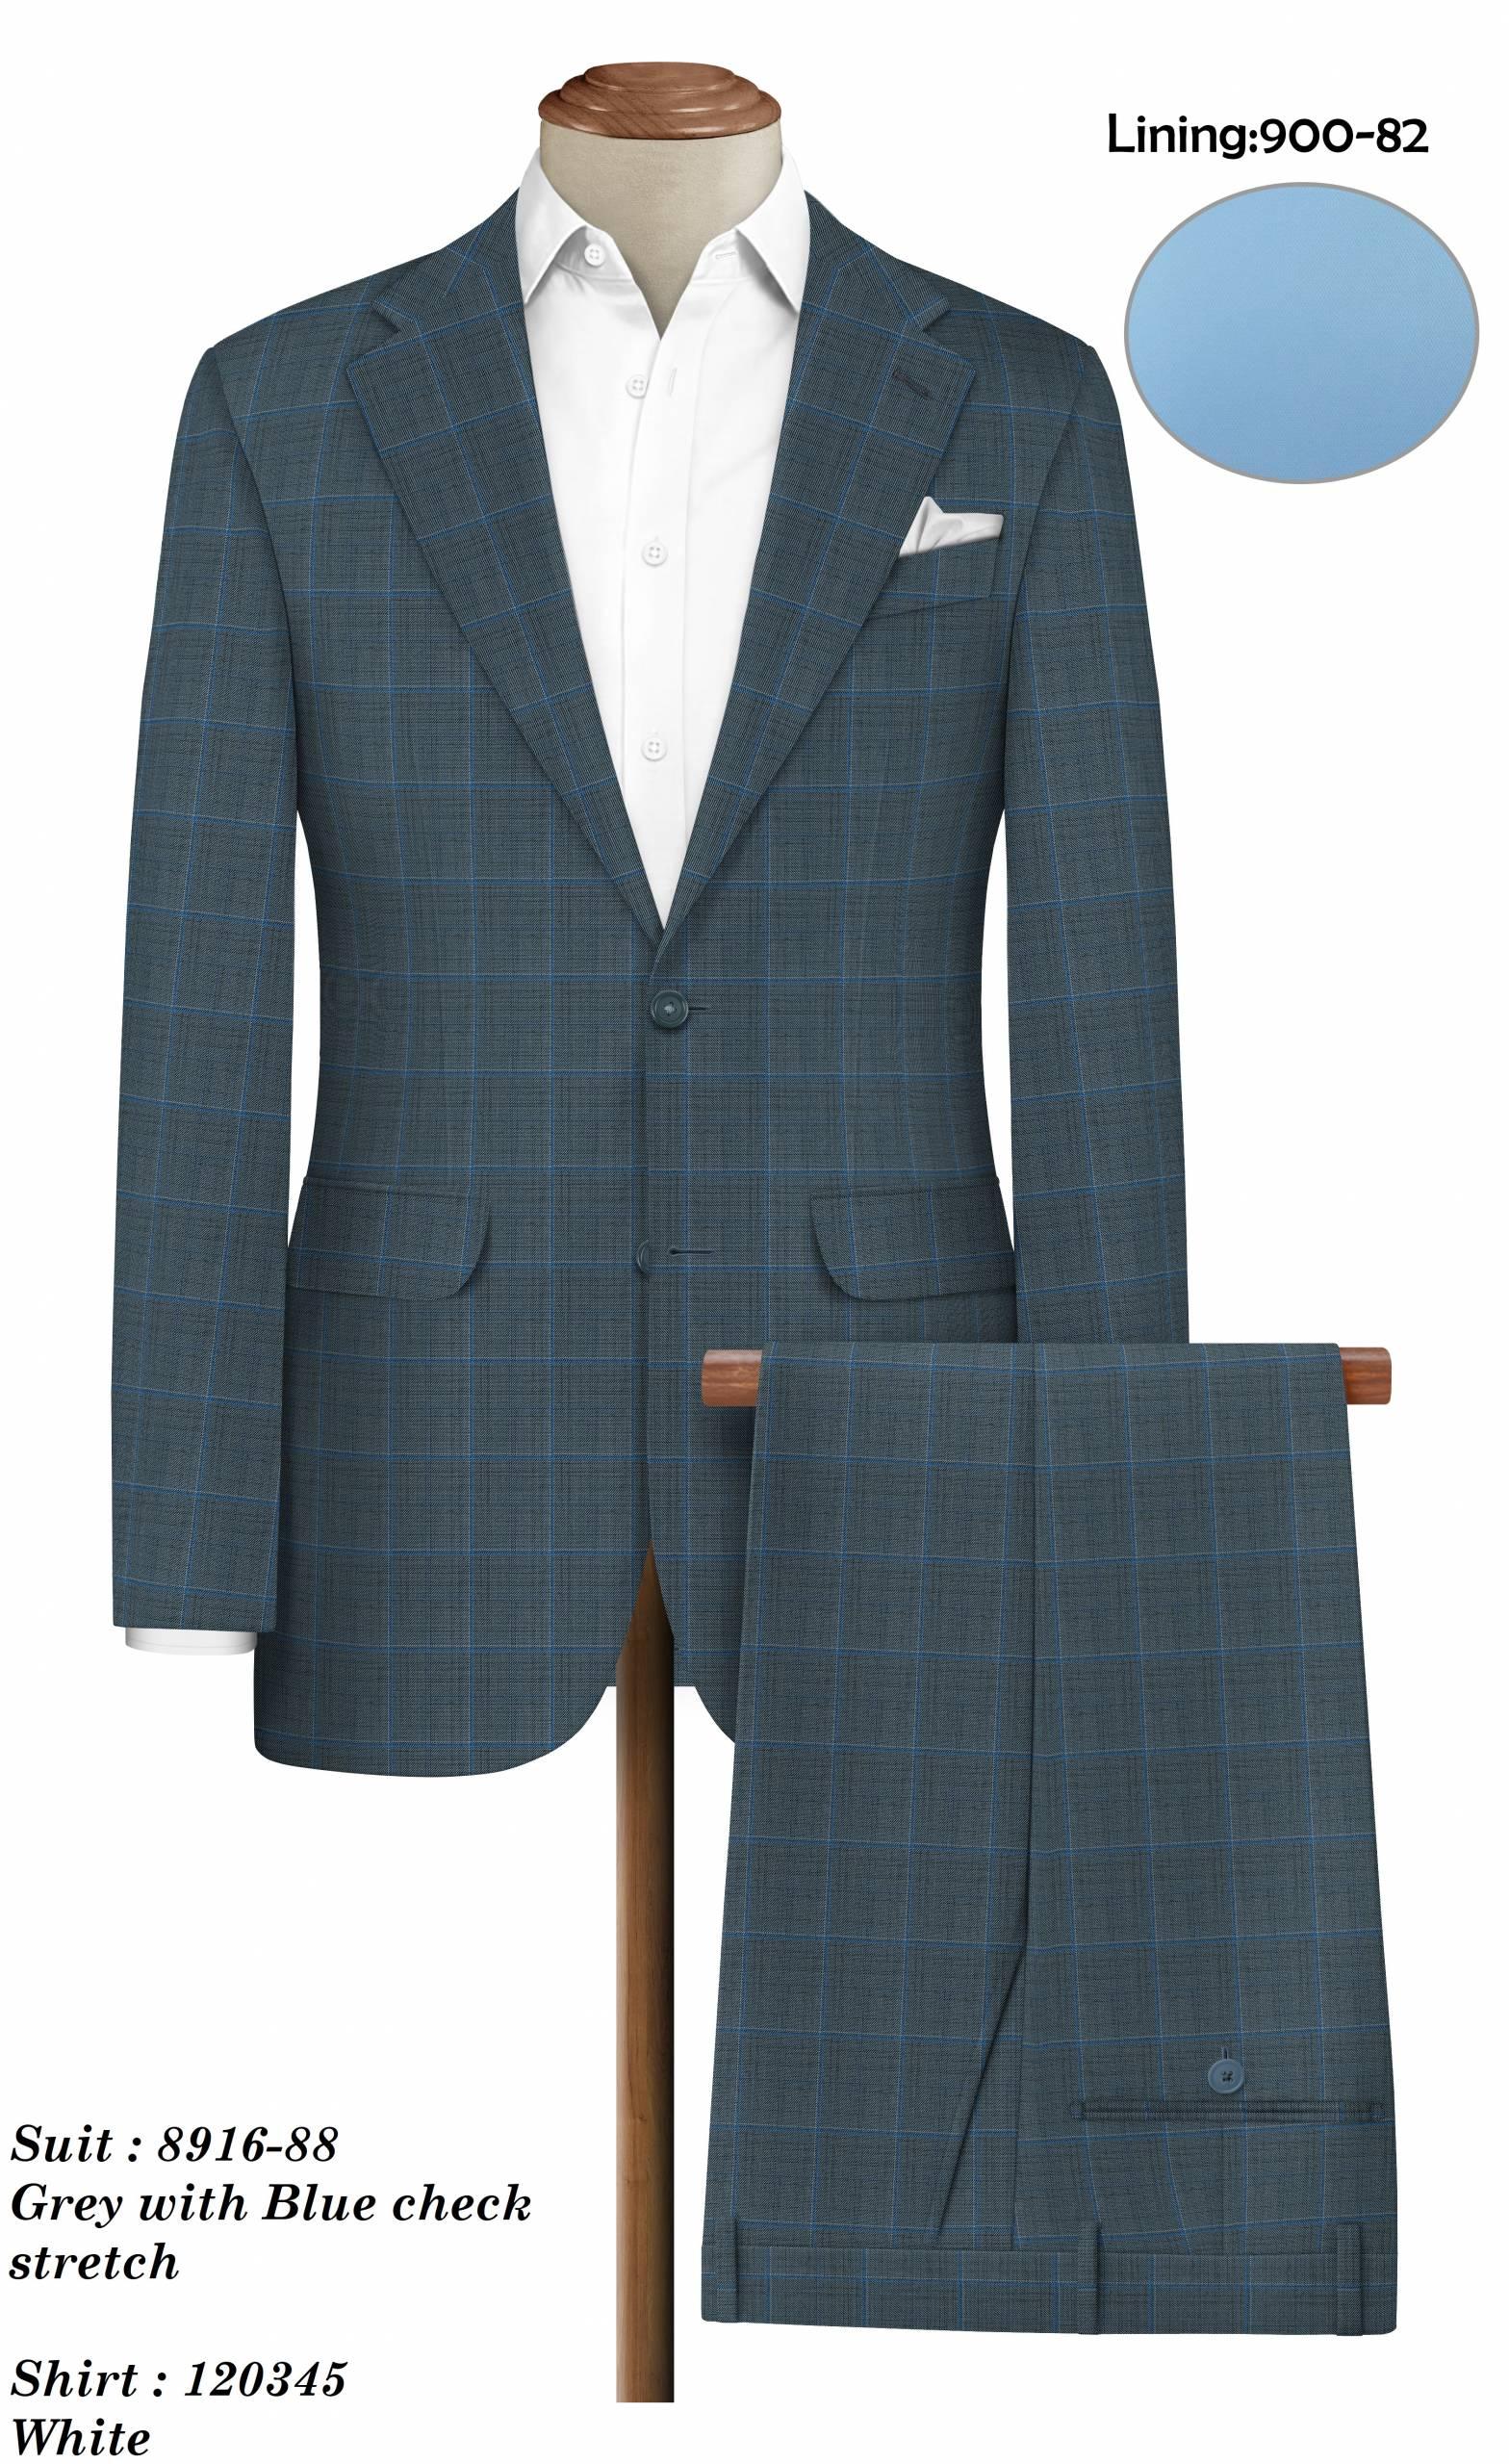 (92) 8916-88_suit